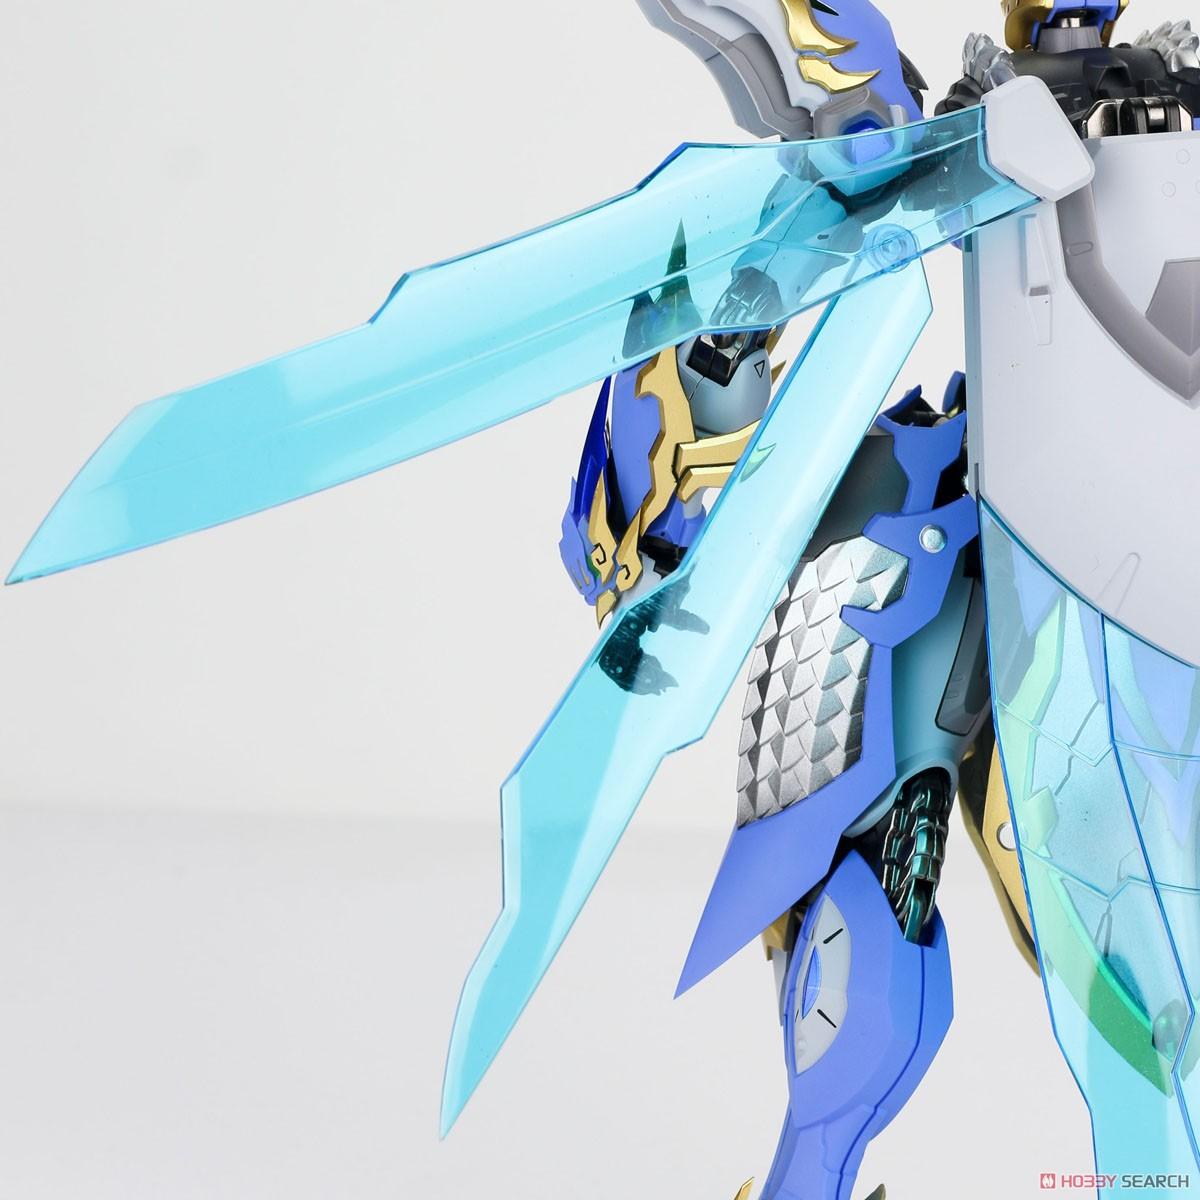 三国猛将シリーズ『趙雲子龍』可動フィギュア-006